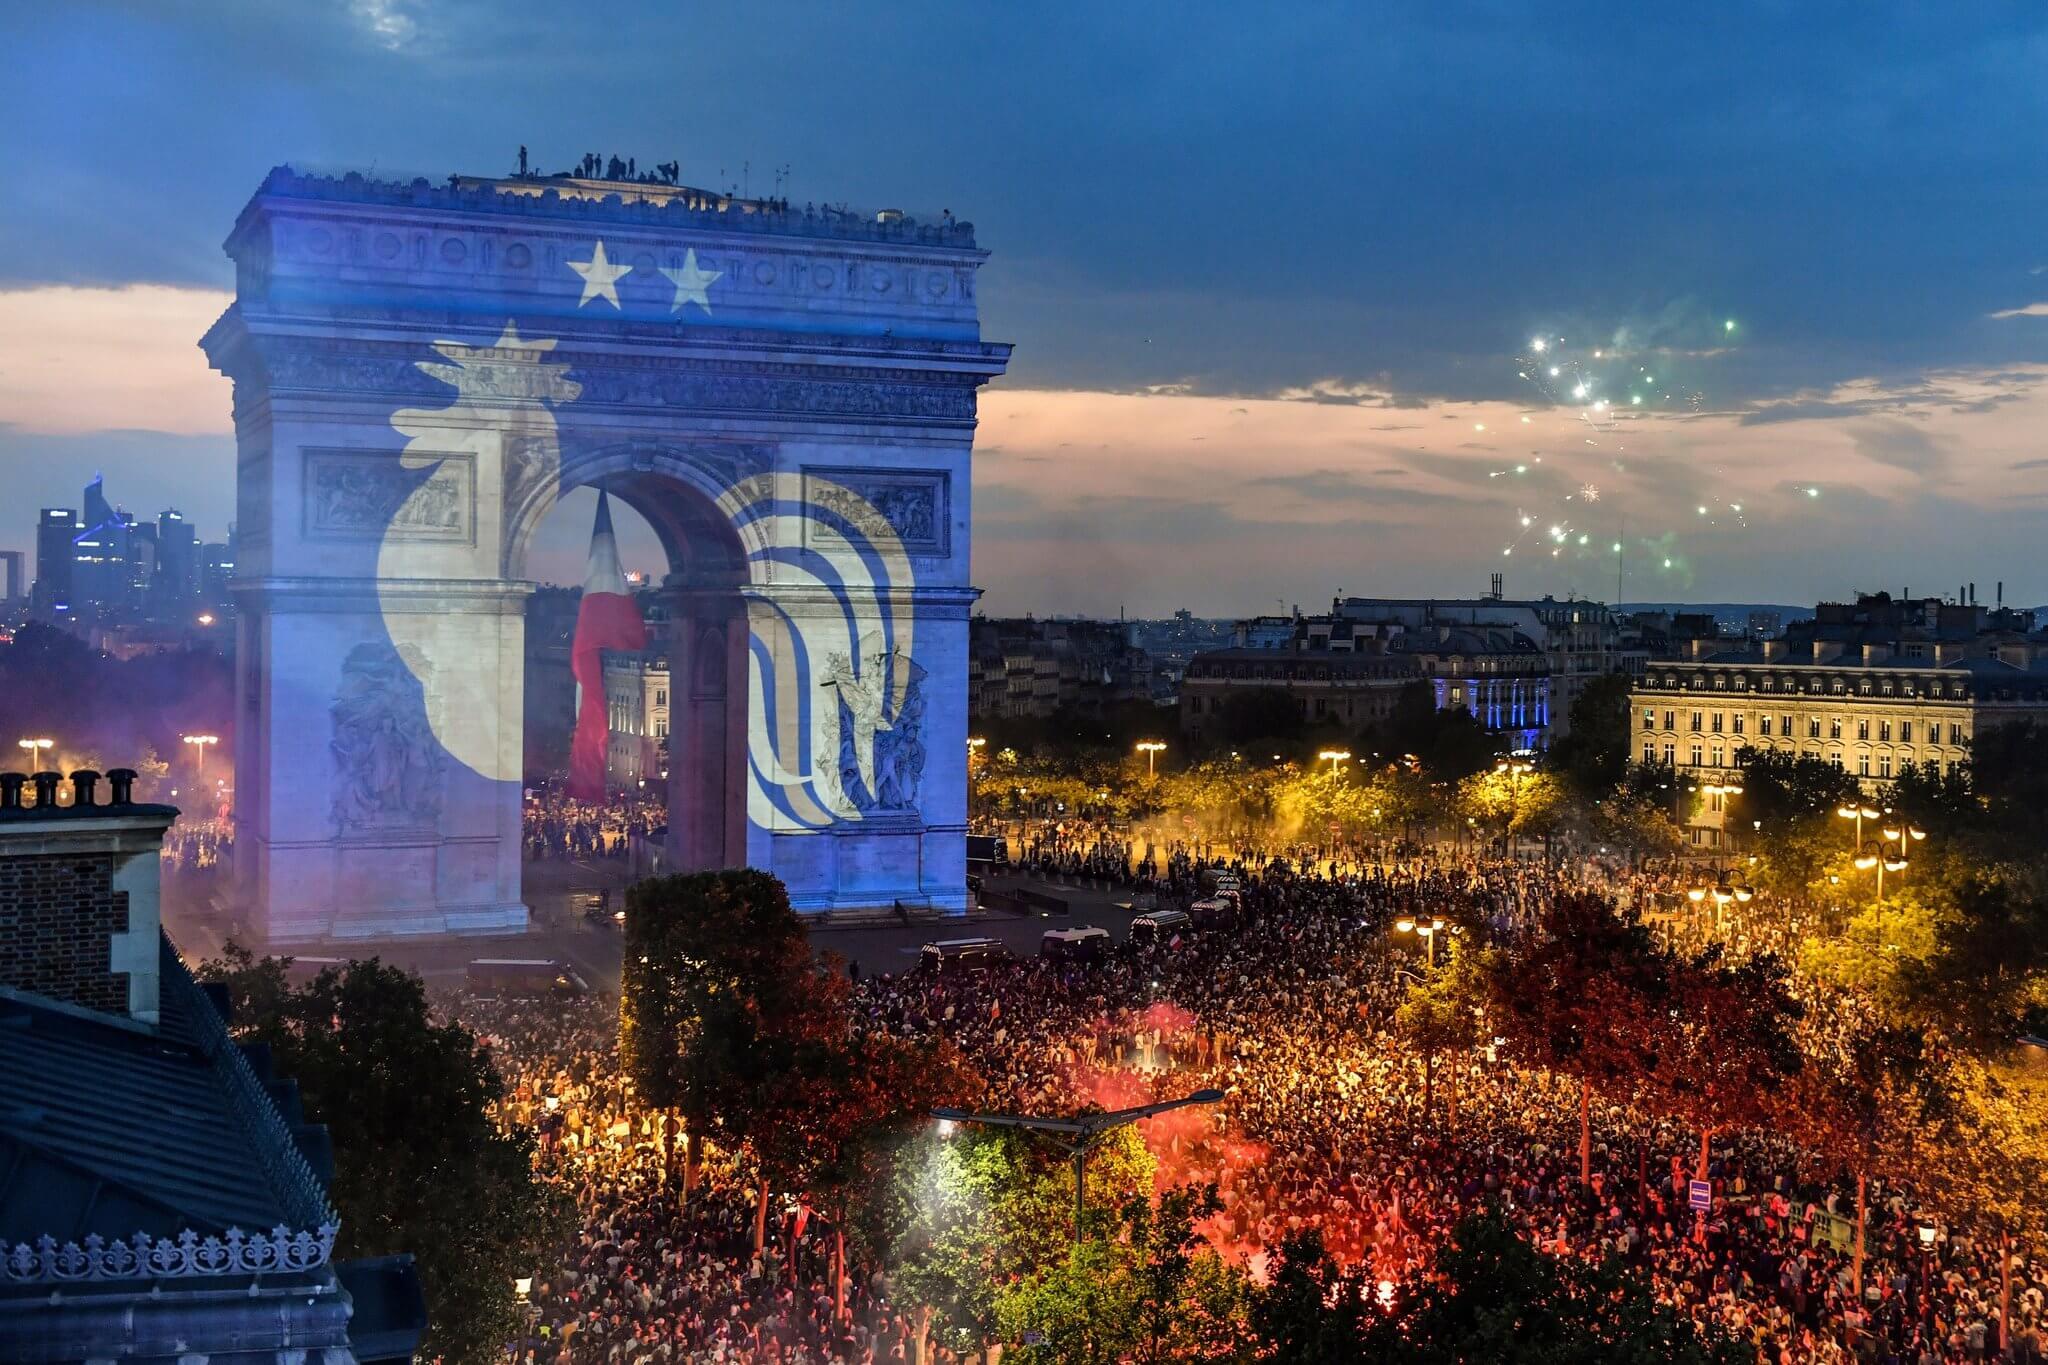 Le Coq des Bleus a deux étoiles sur l'Arc de Triomphe